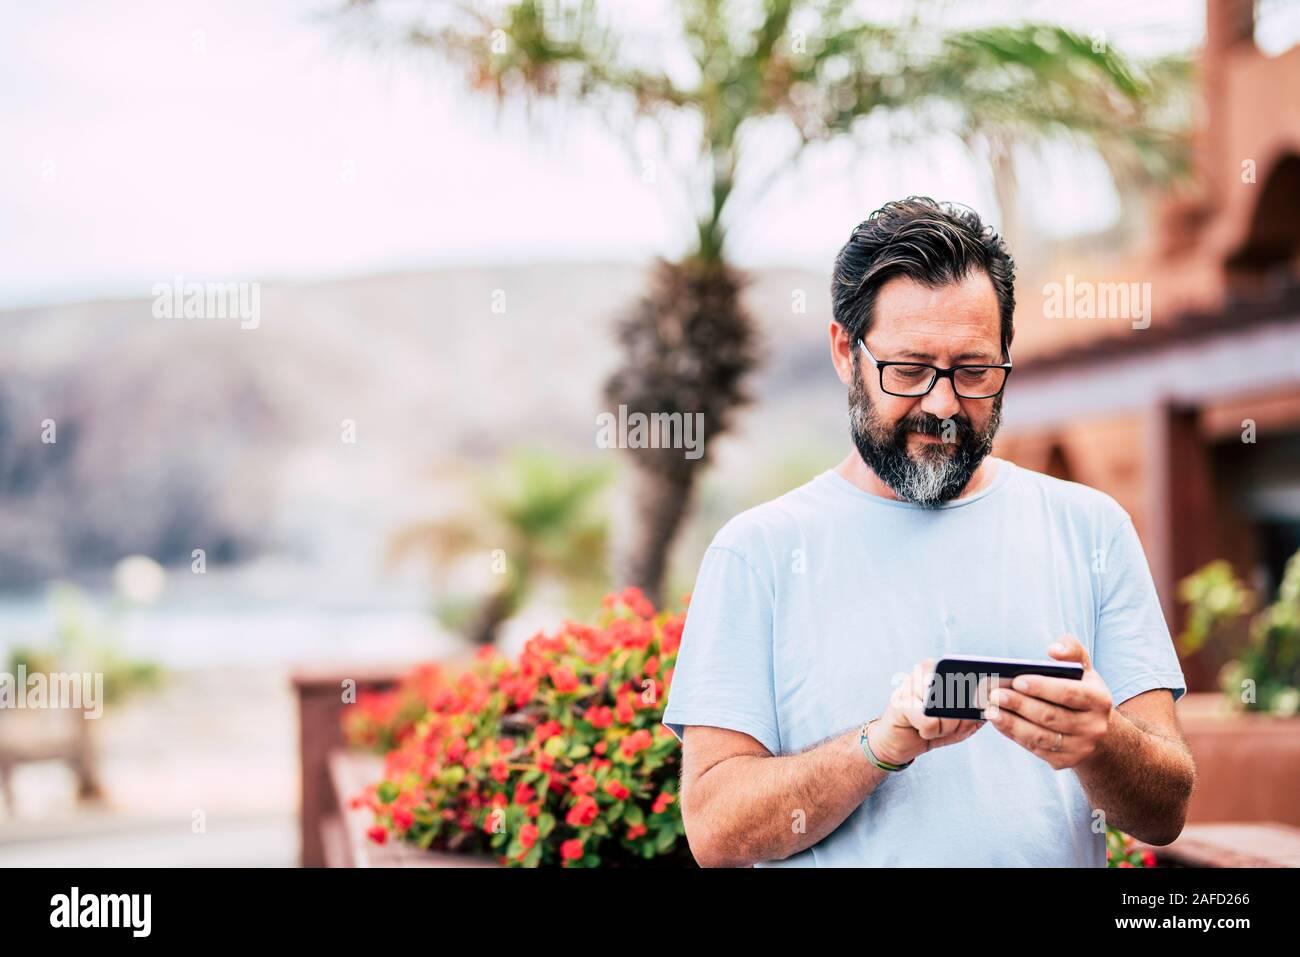 Tipo di uomo su di un moderno telefono cellulare nel dispositivo esterno di attività per il tempo libero con la tecnologia - Ritratto di età compresa tra i pazienti adulti con sfondo sfocato Foto Stock